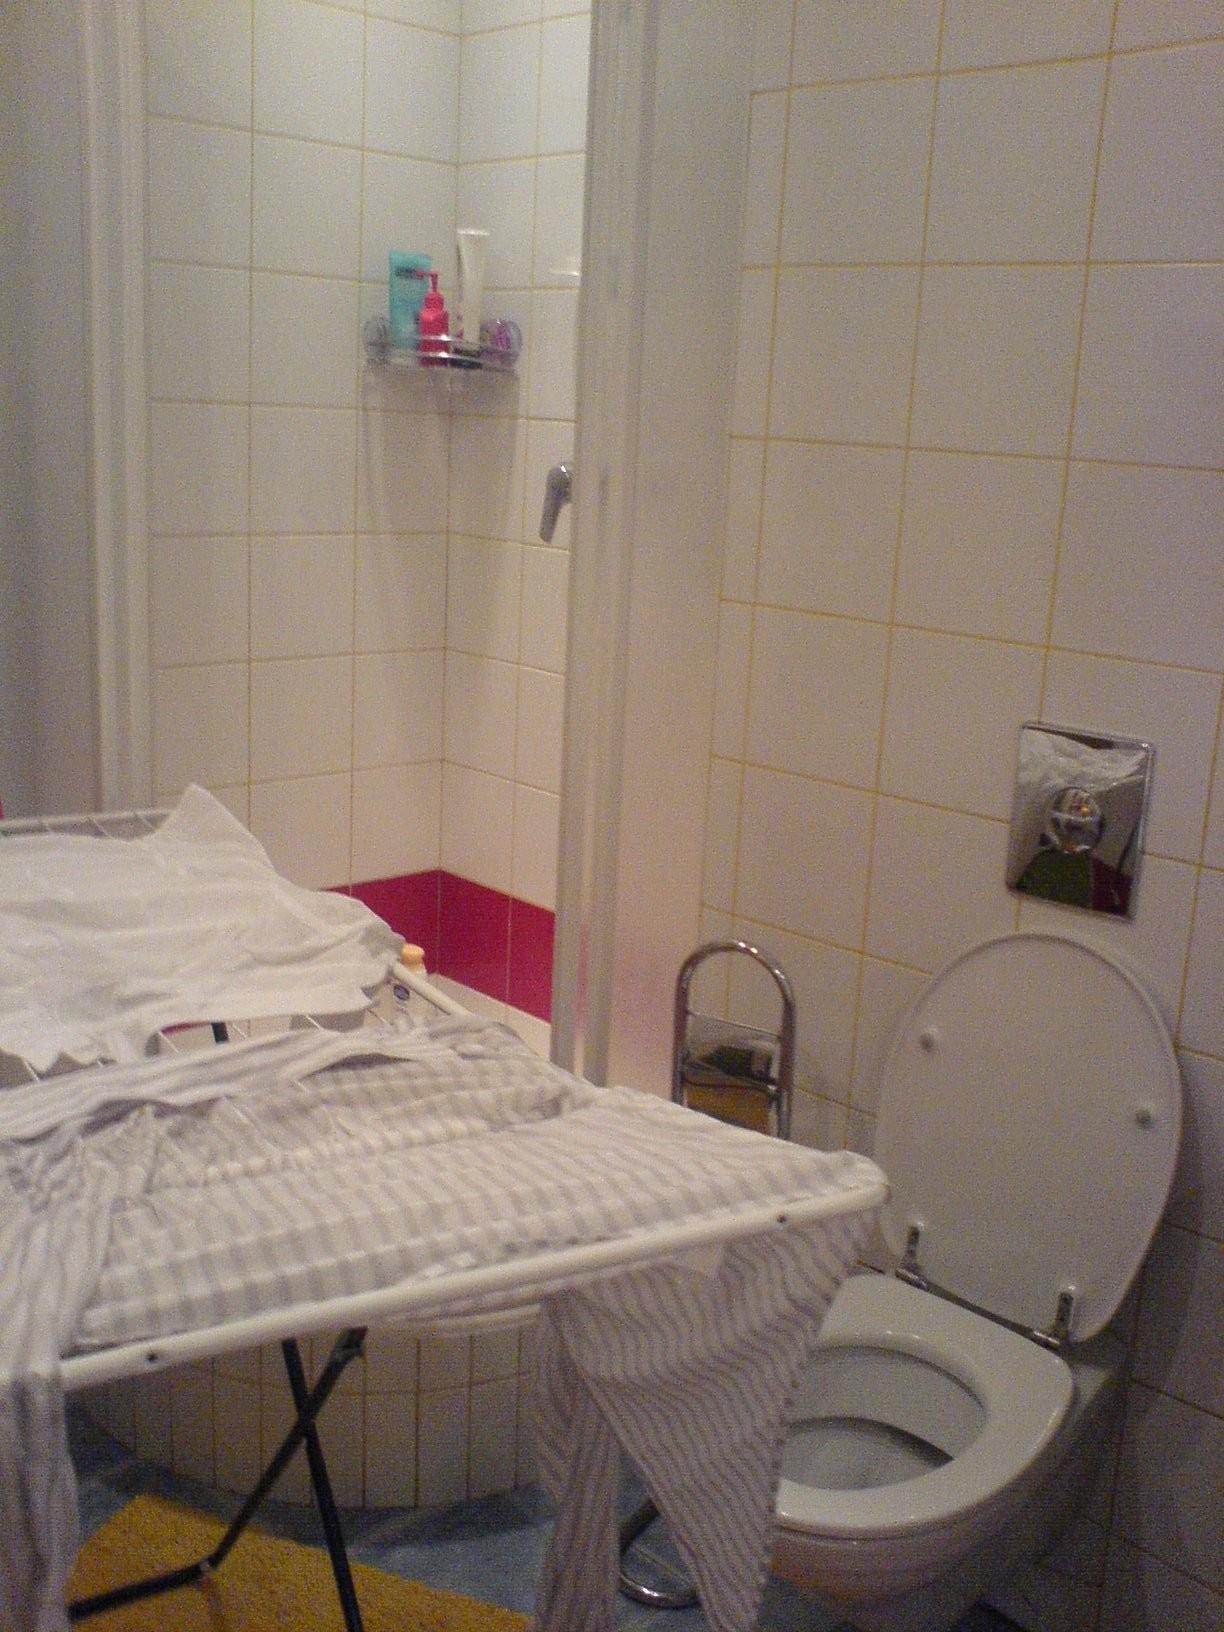 Ванная комната с душевой кабиной » Моя